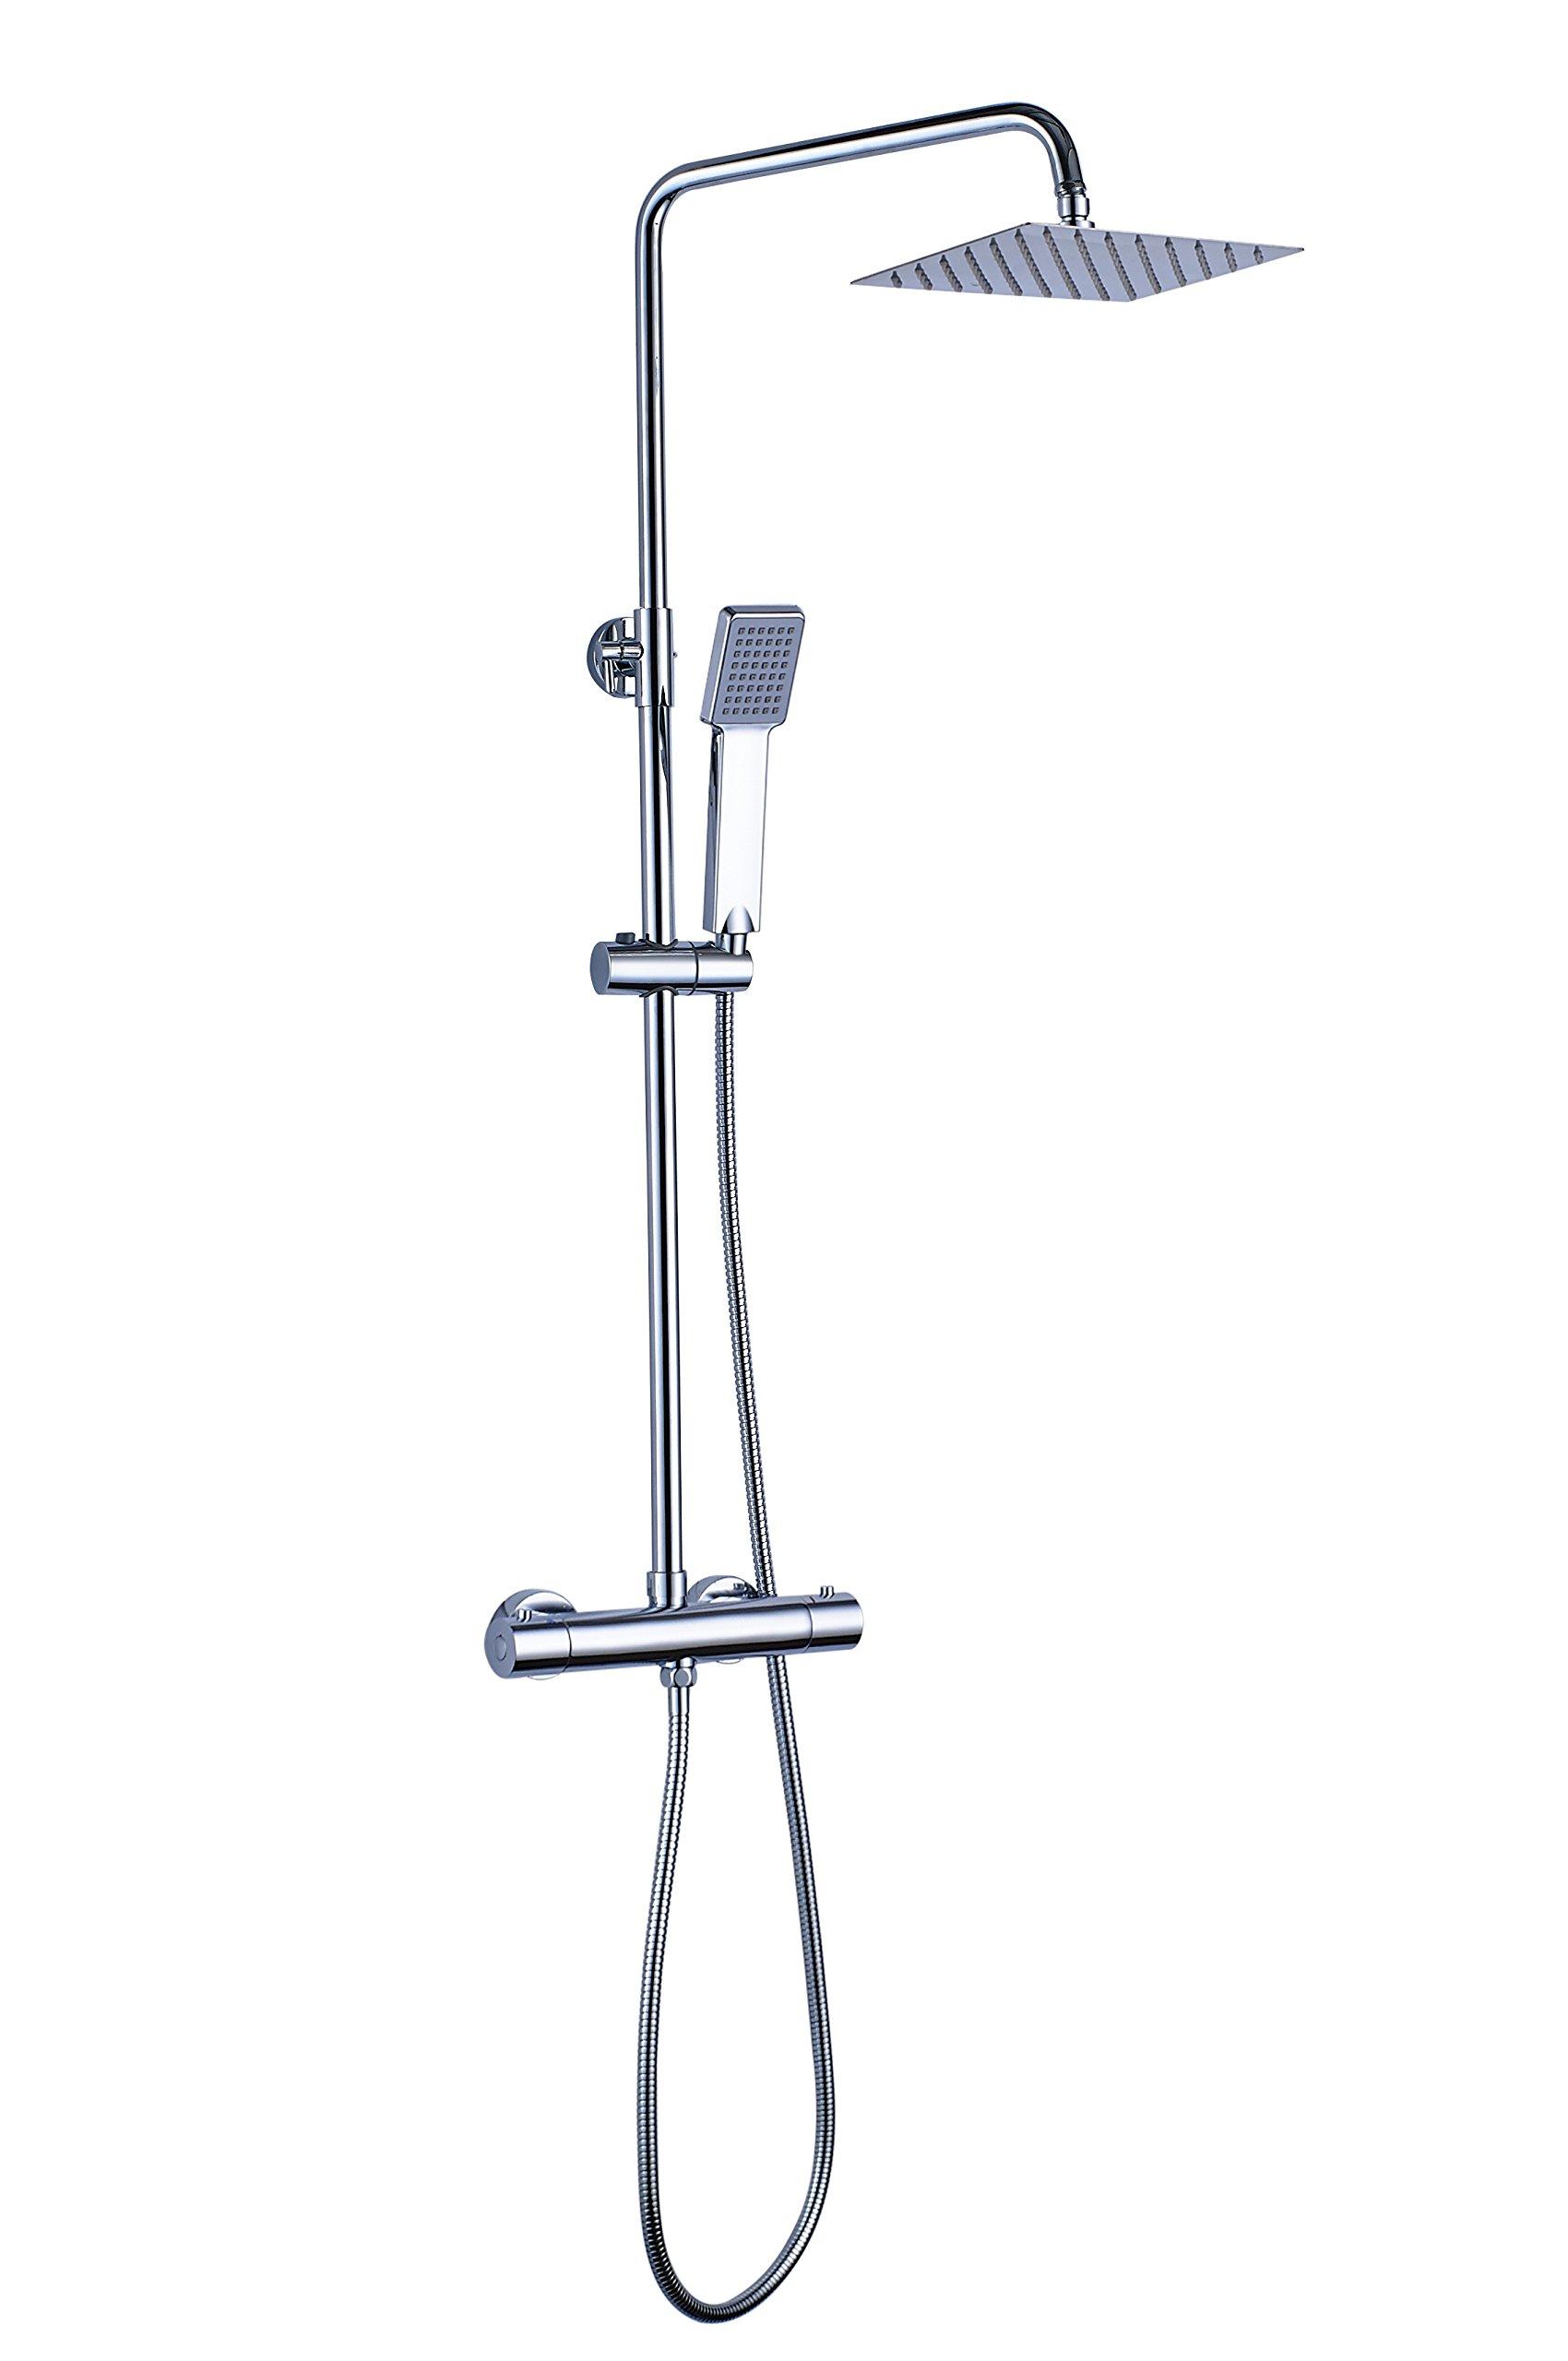 OXEN Molina Top 120- Sistema de ducha de Acero Inox. con grifería termostática